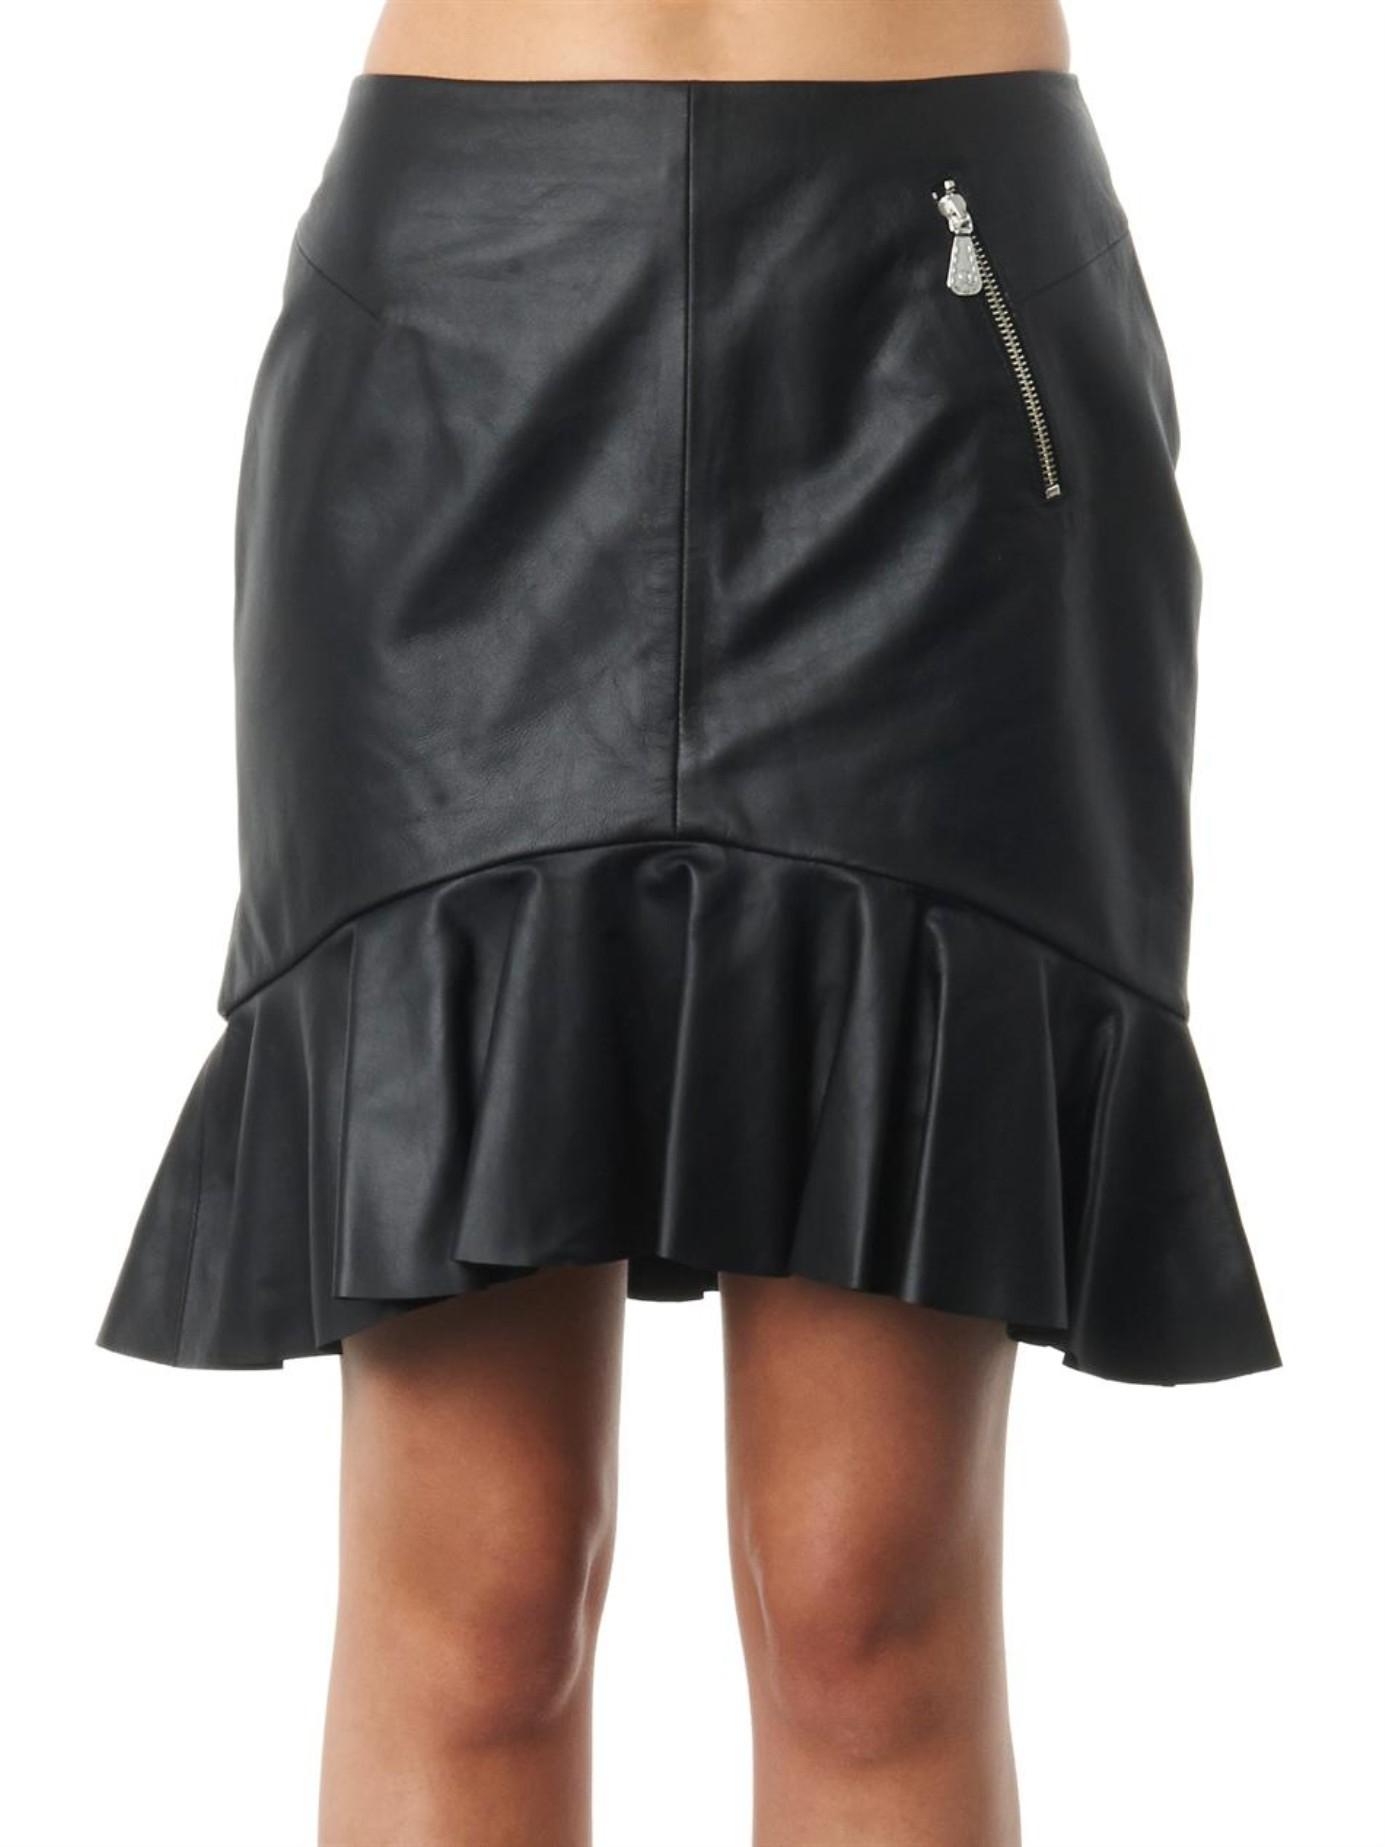 f0a95529b0 McQ Frill-hem Leather Skirt in Black - Lyst